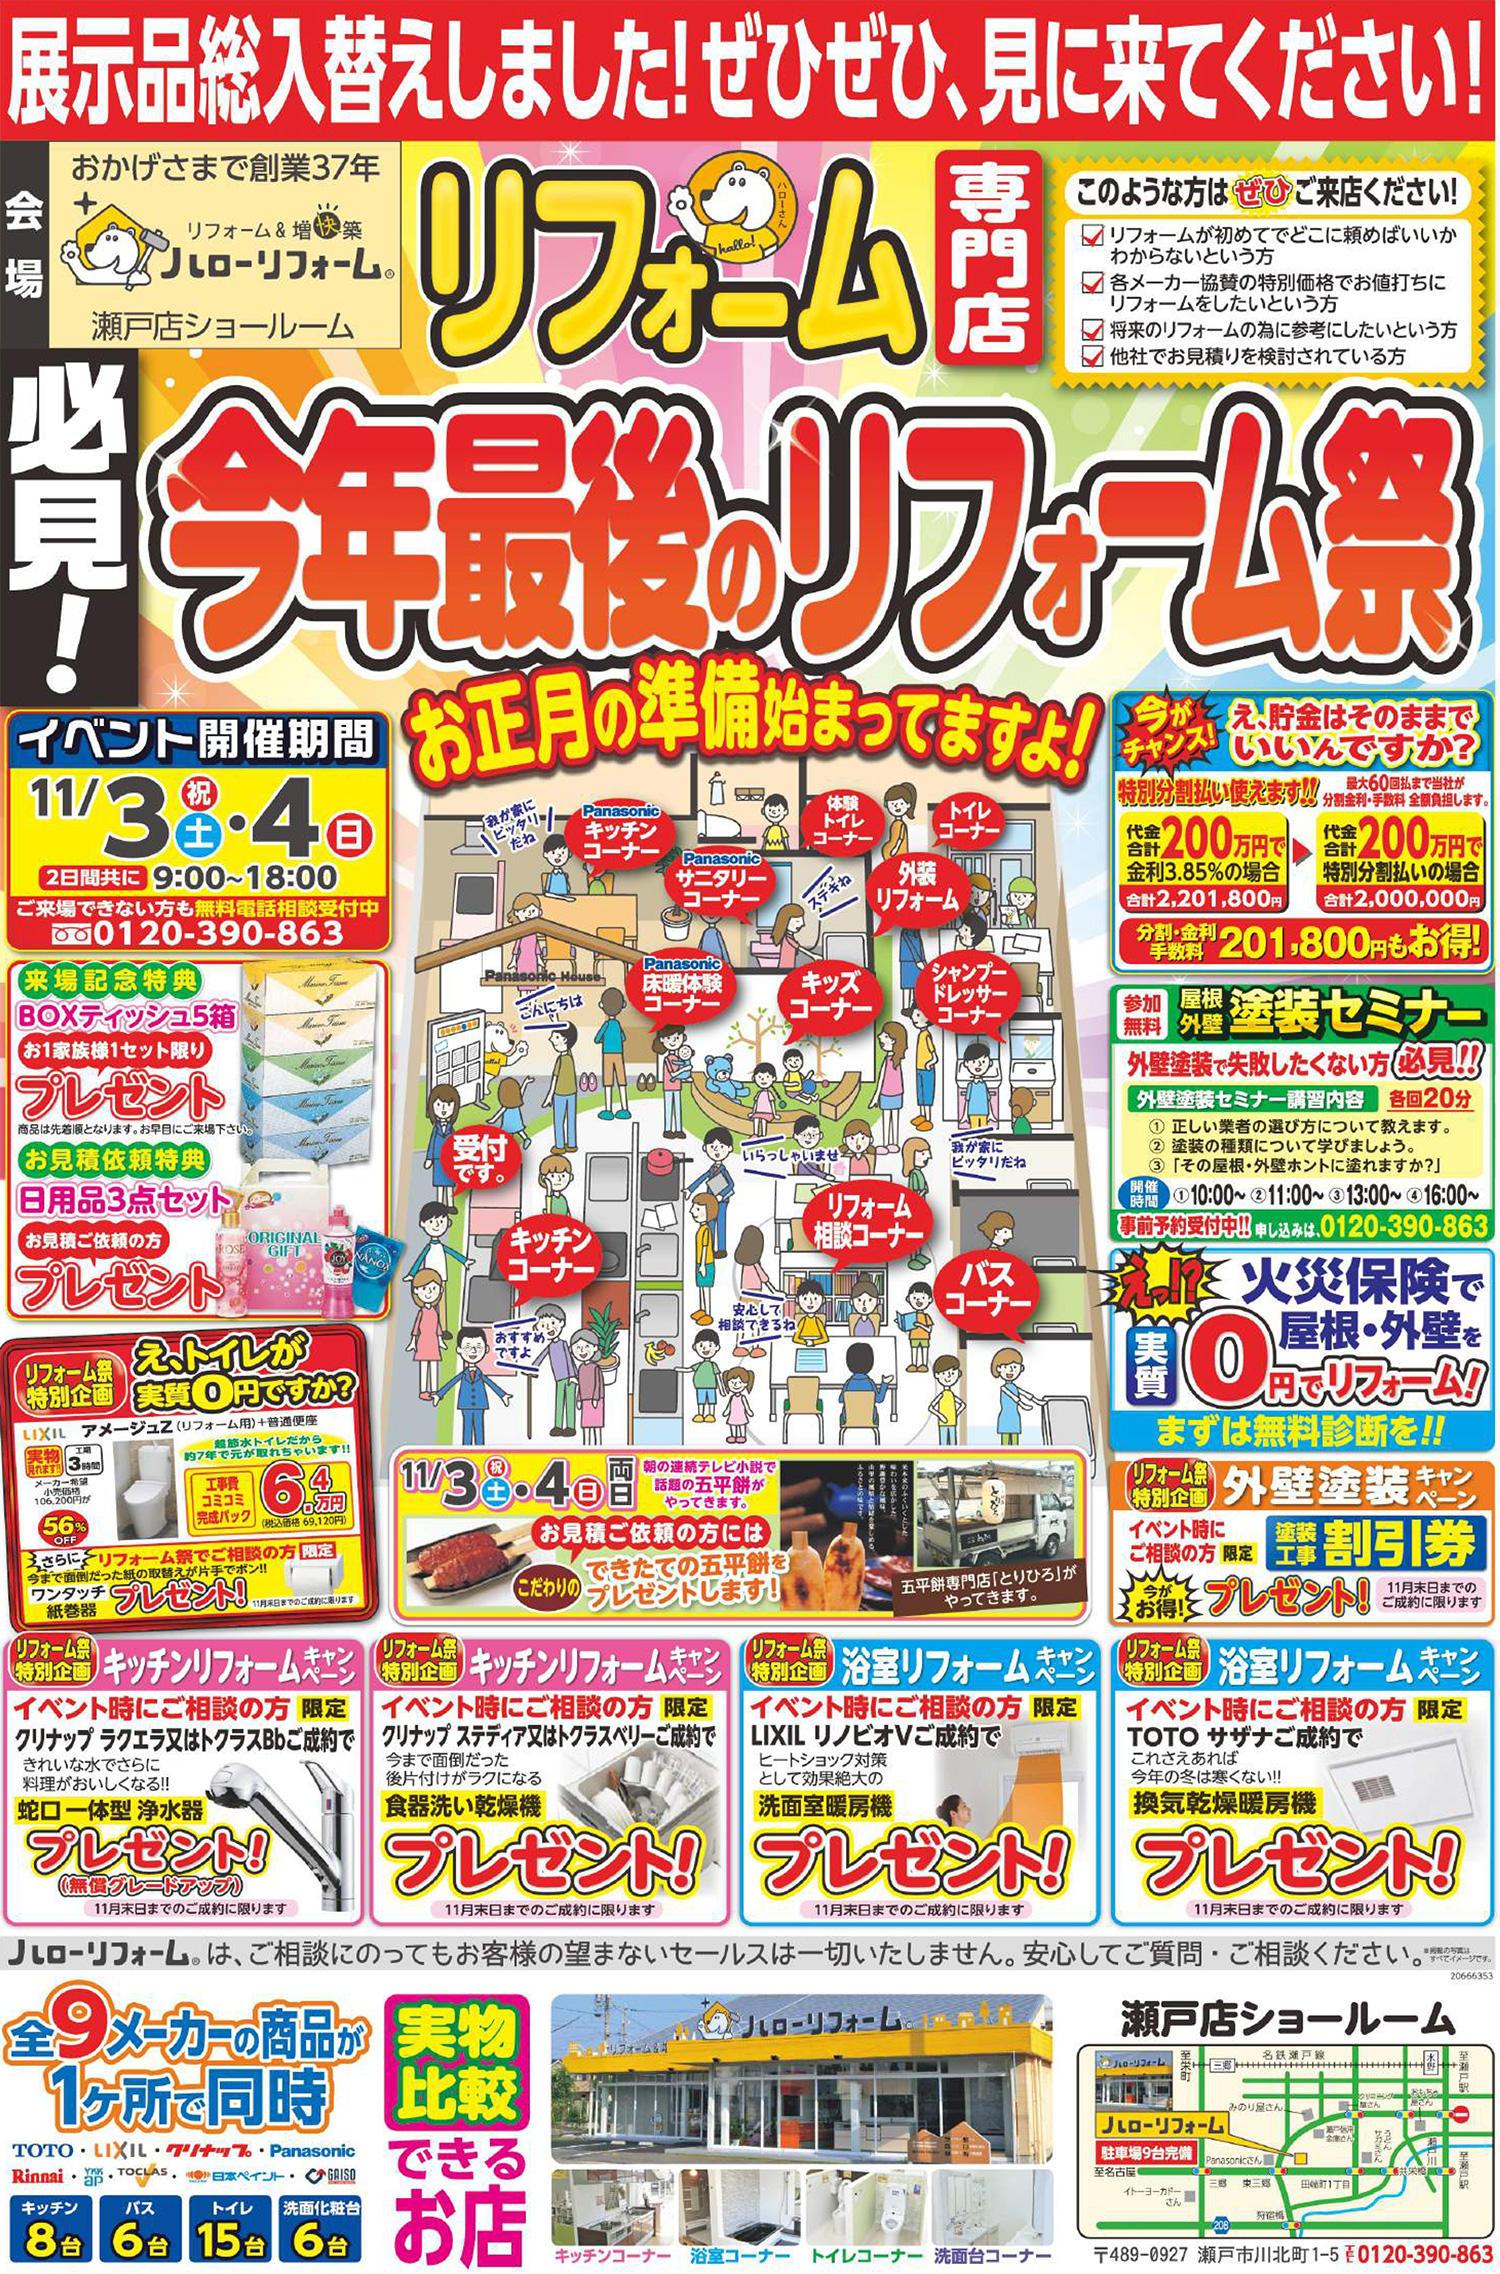 今年最後のリフォーム祭(瀬戸店)